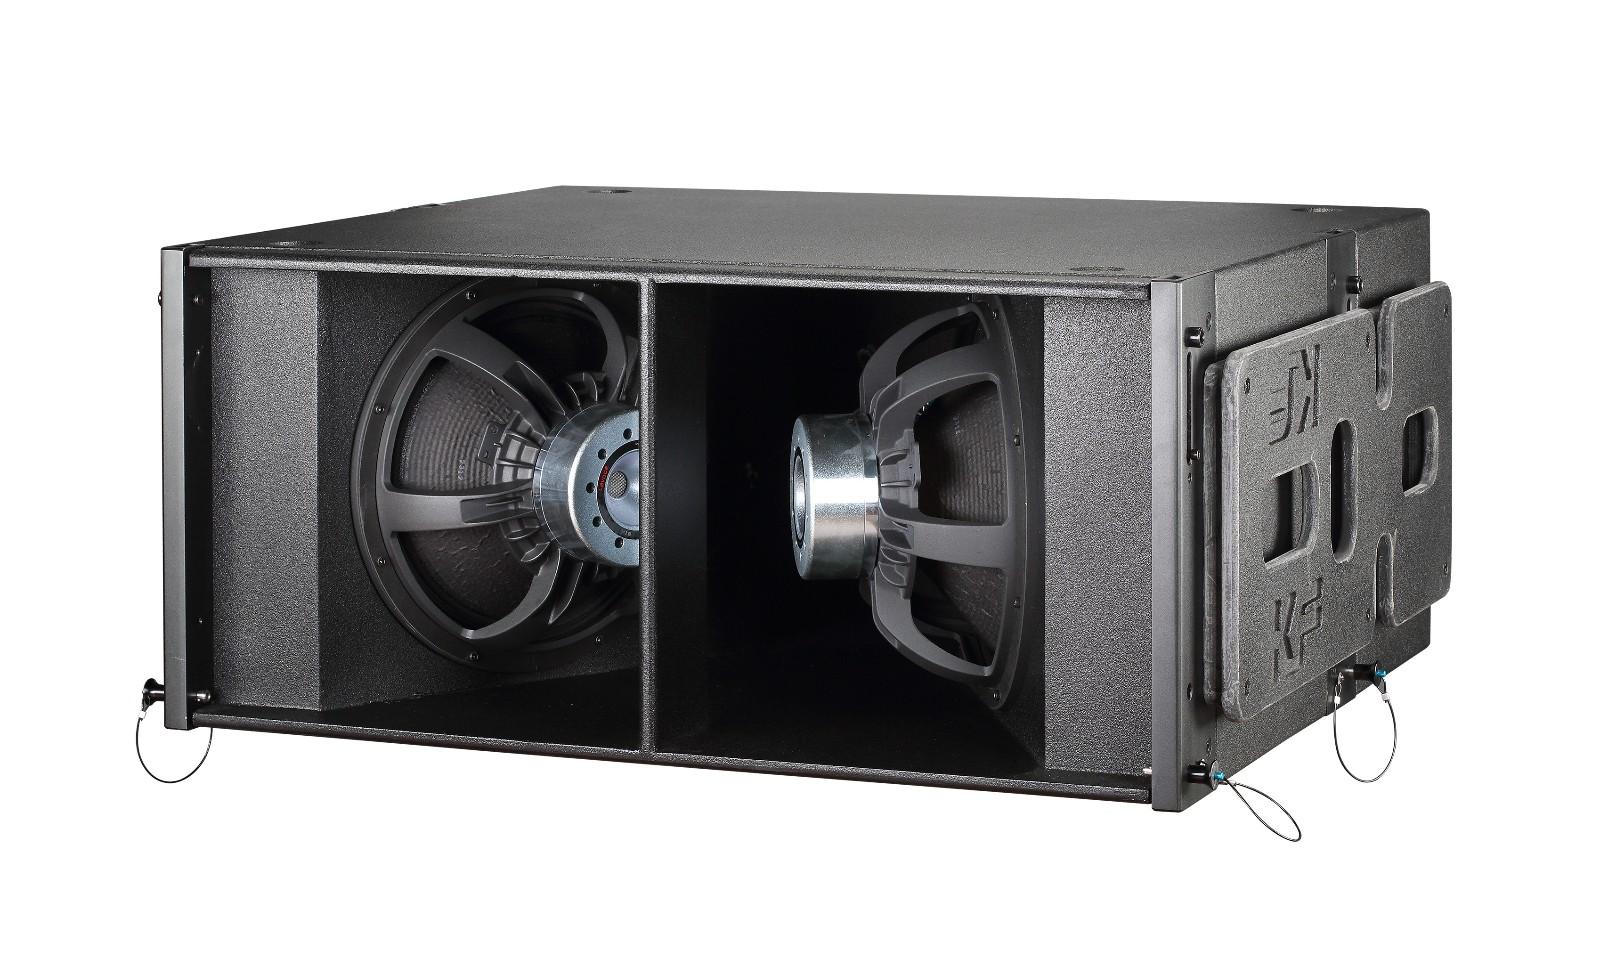 タッソホット販売デュアル 12 インチプロオーディオビデオ屋外スピーカー 2 ウェイプロラインアレイ KF212 用